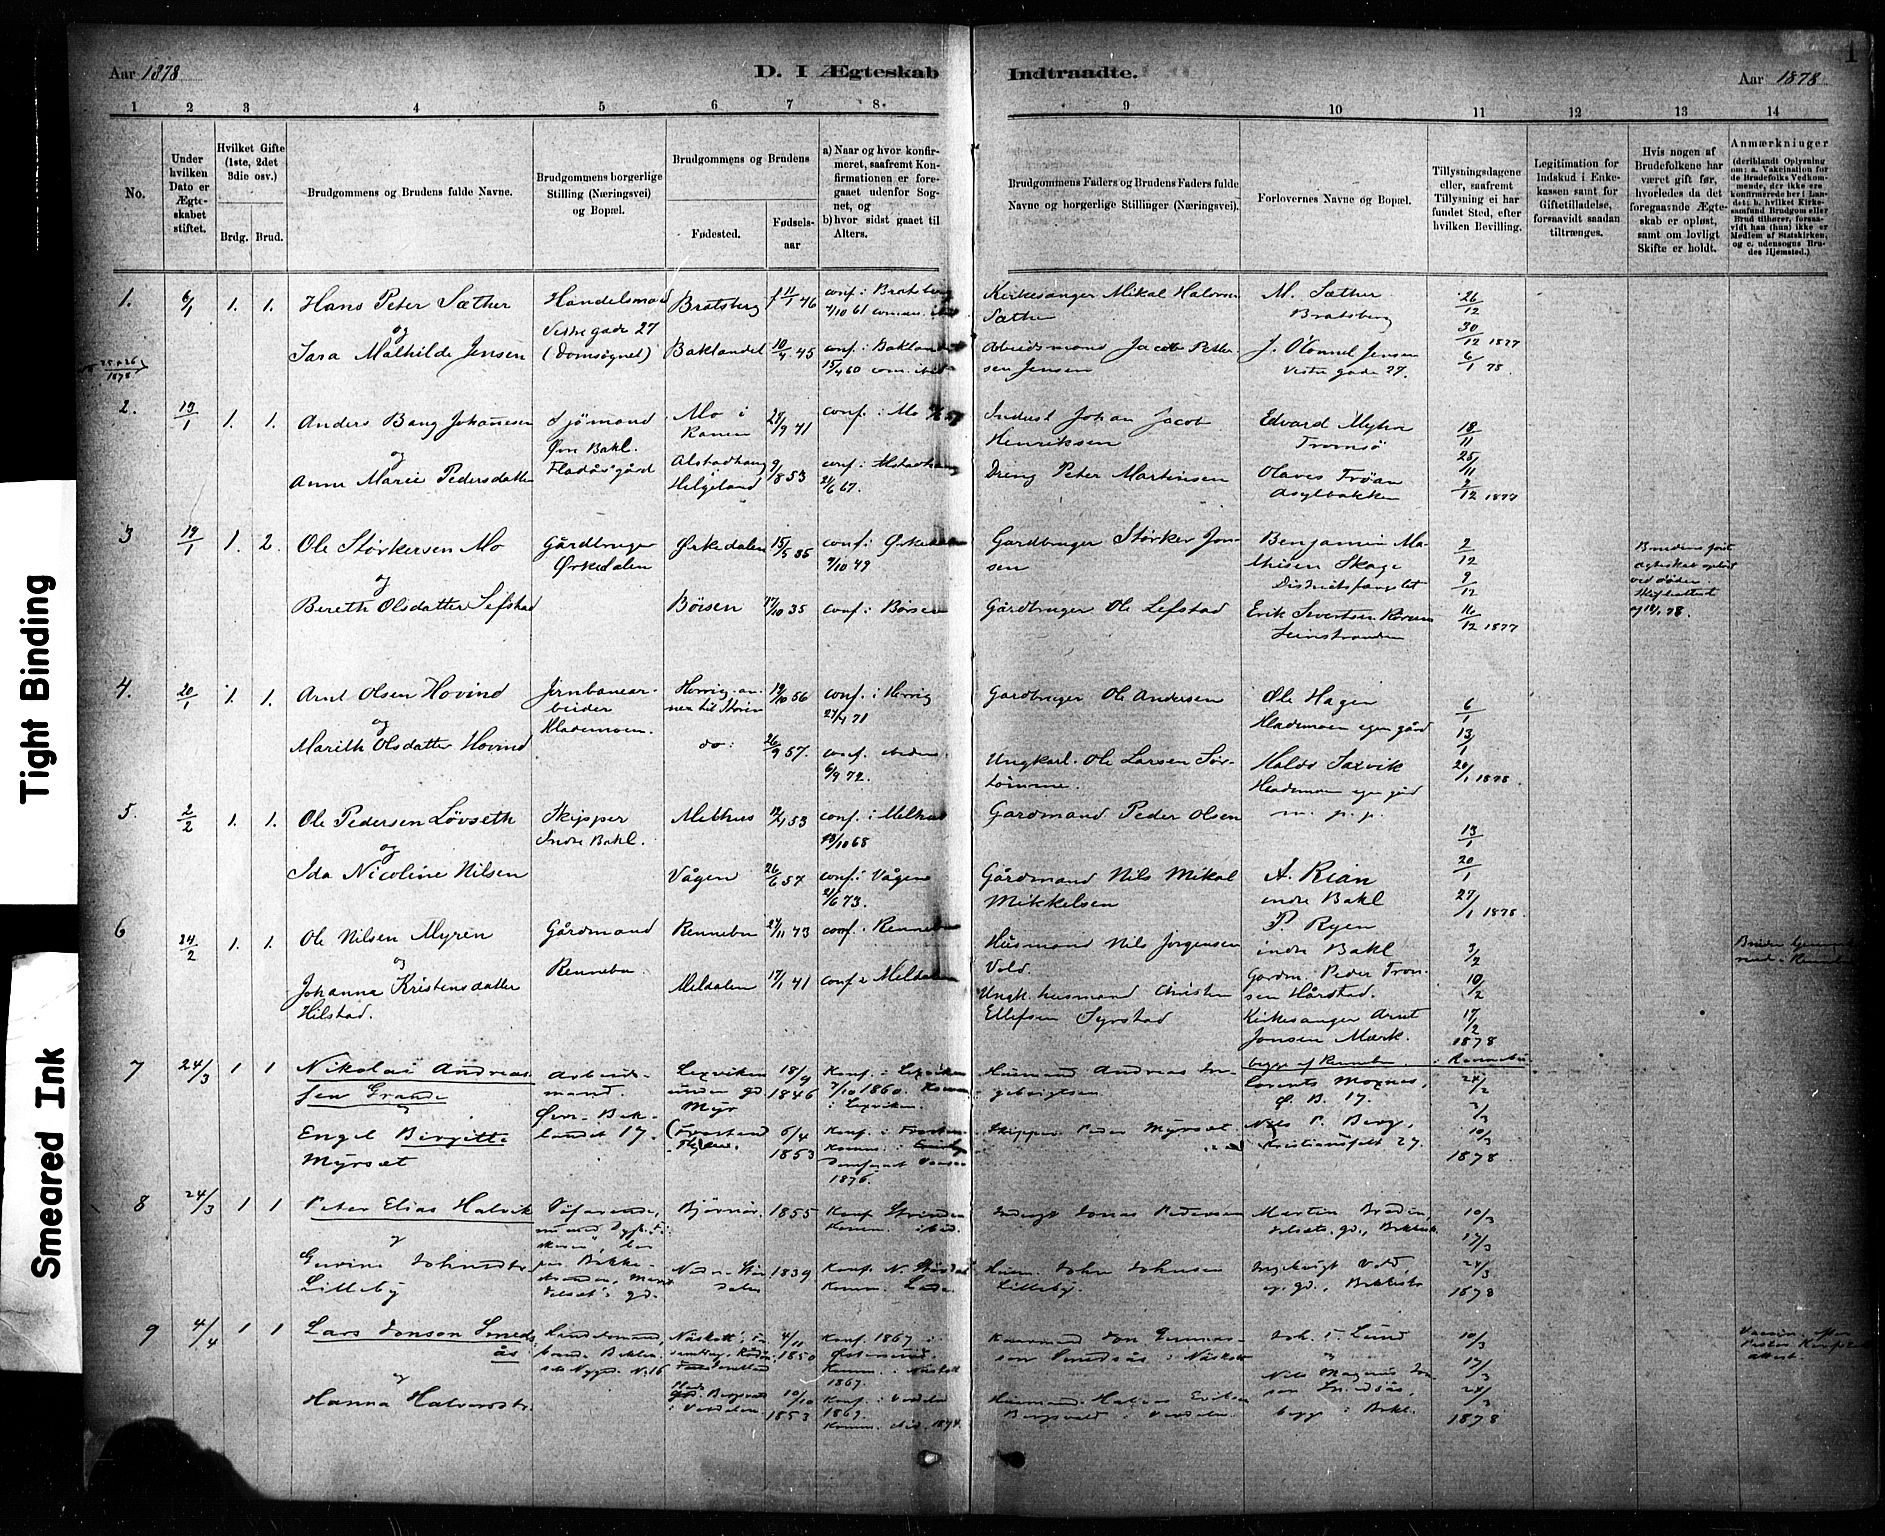 SAT, Ministerialprotokoller, klokkerbøker og fødselsregistre - Sør-Trøndelag, 604/L0189: Ministerialbok nr. 604A10, 1878-1892, s. 1